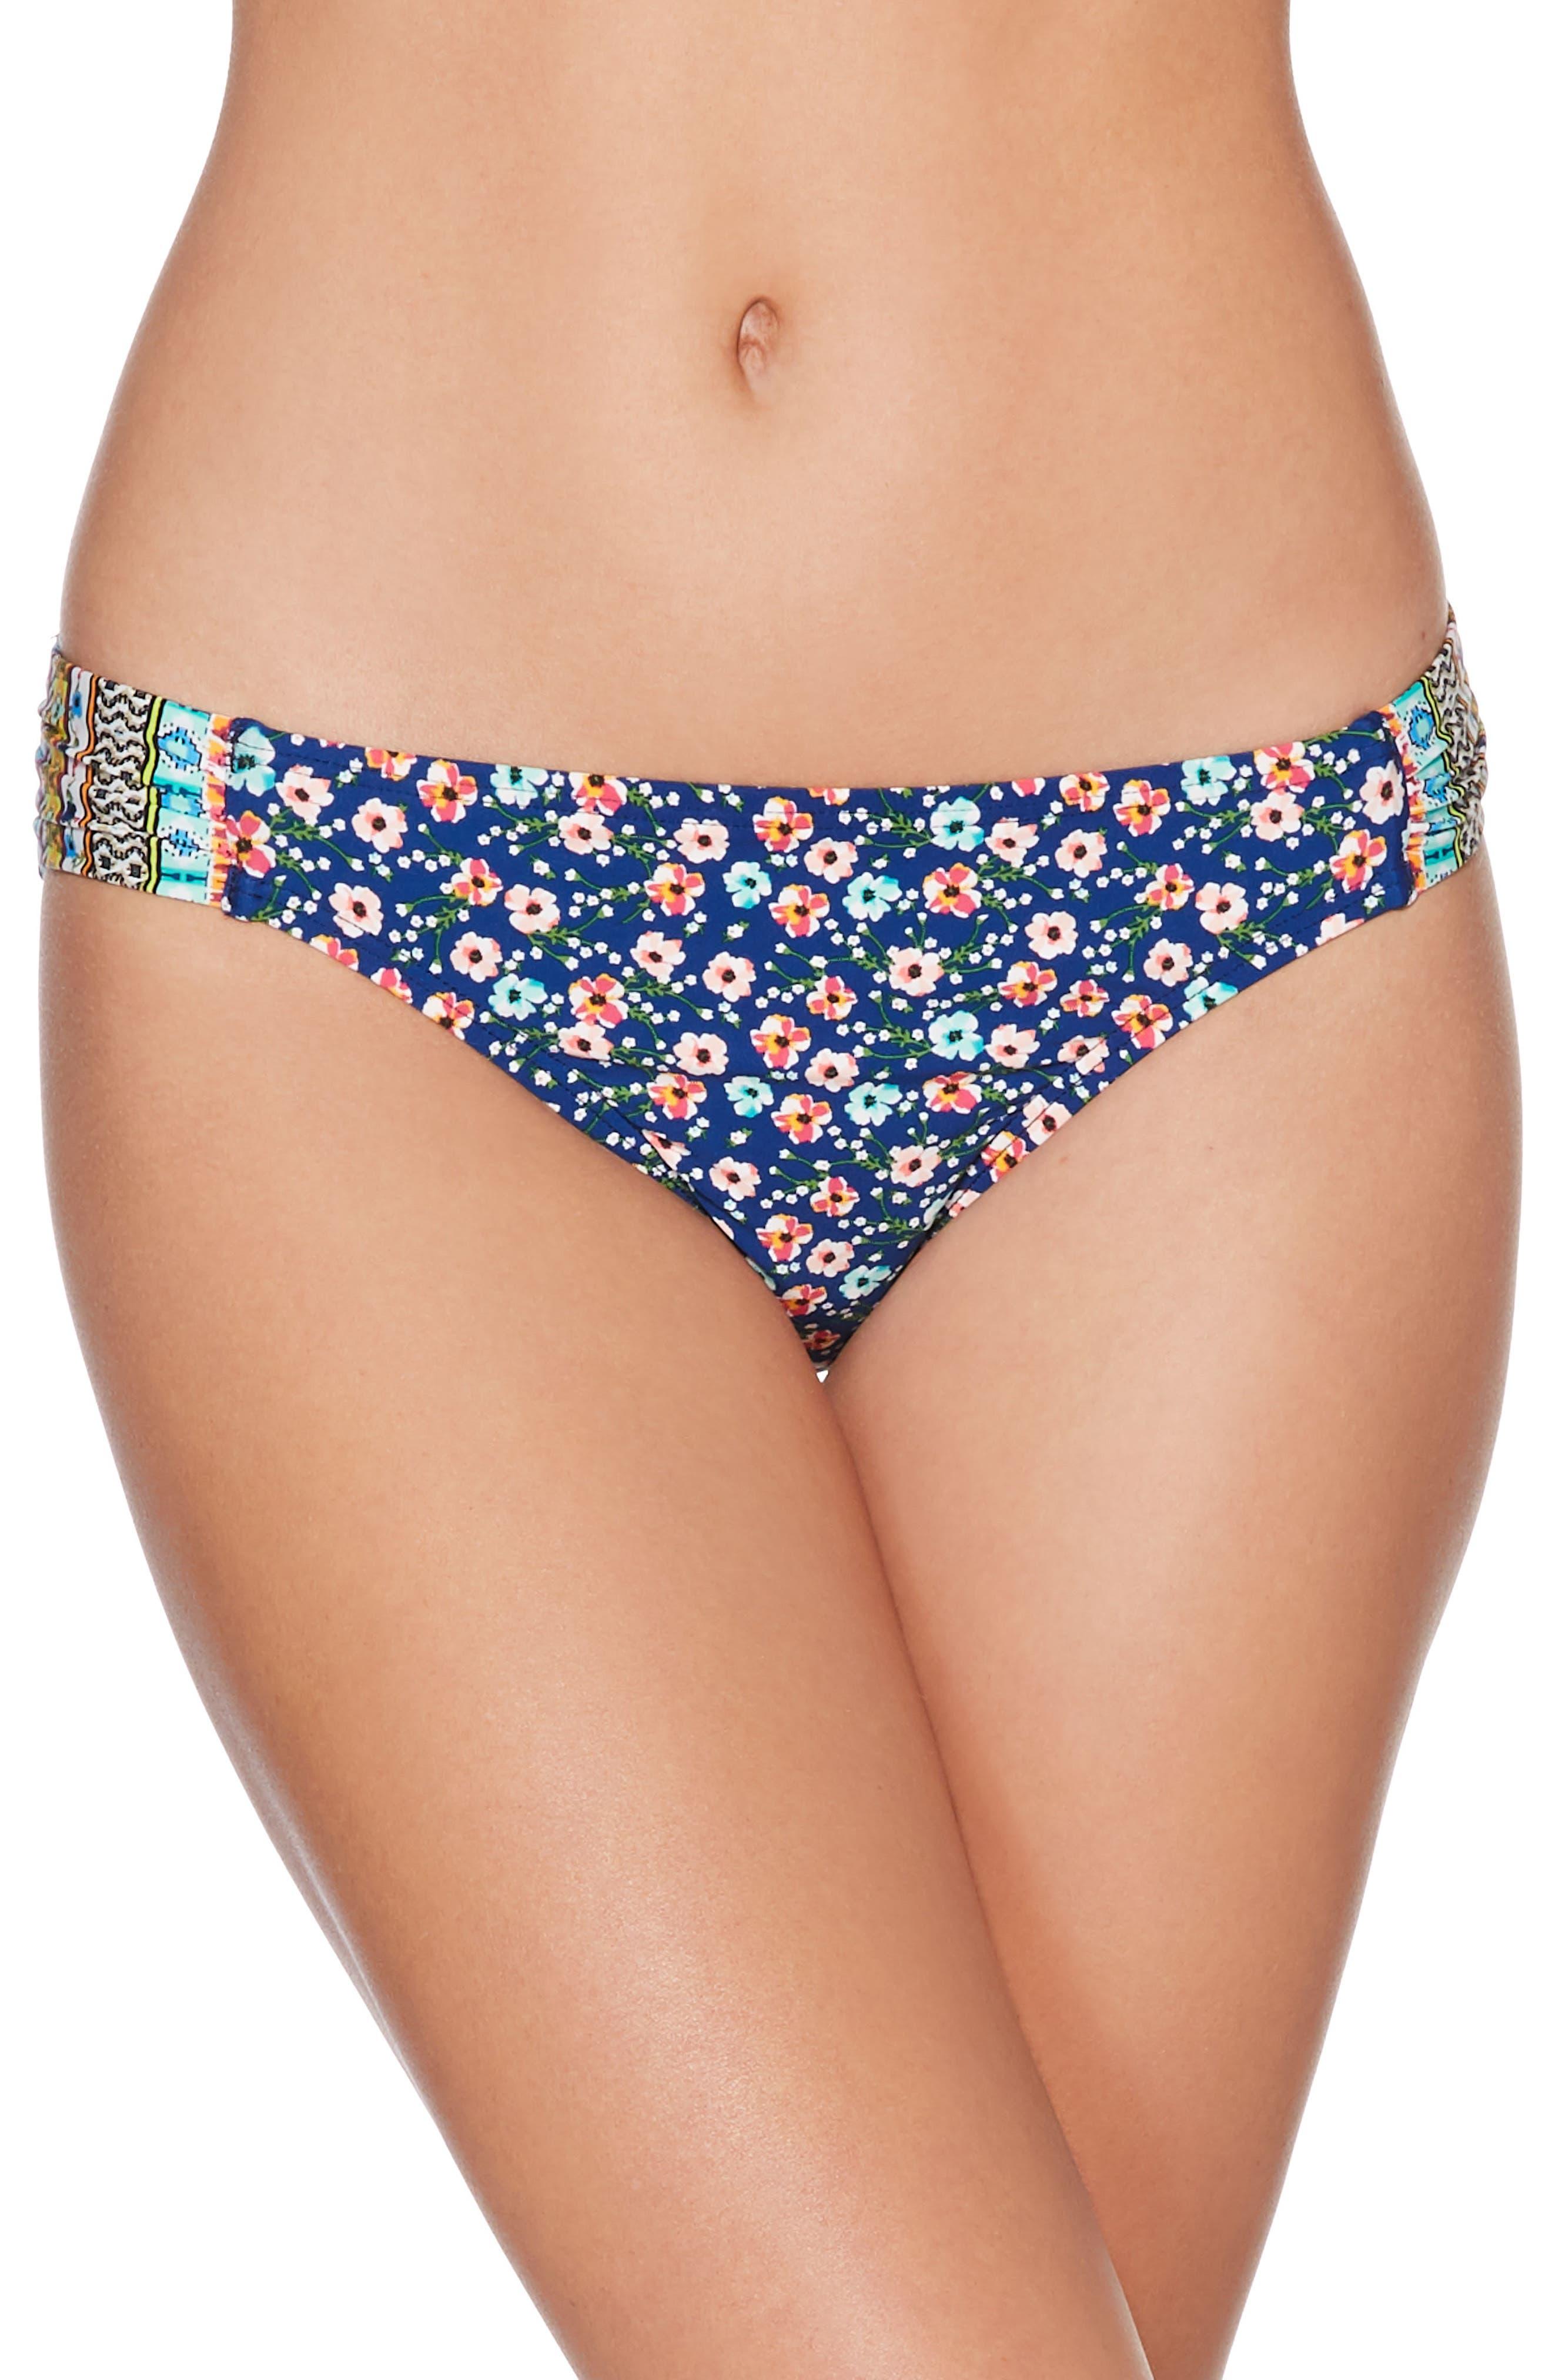 Bikini Bottoms,                             Main thumbnail 1, color,                             Blue Multi